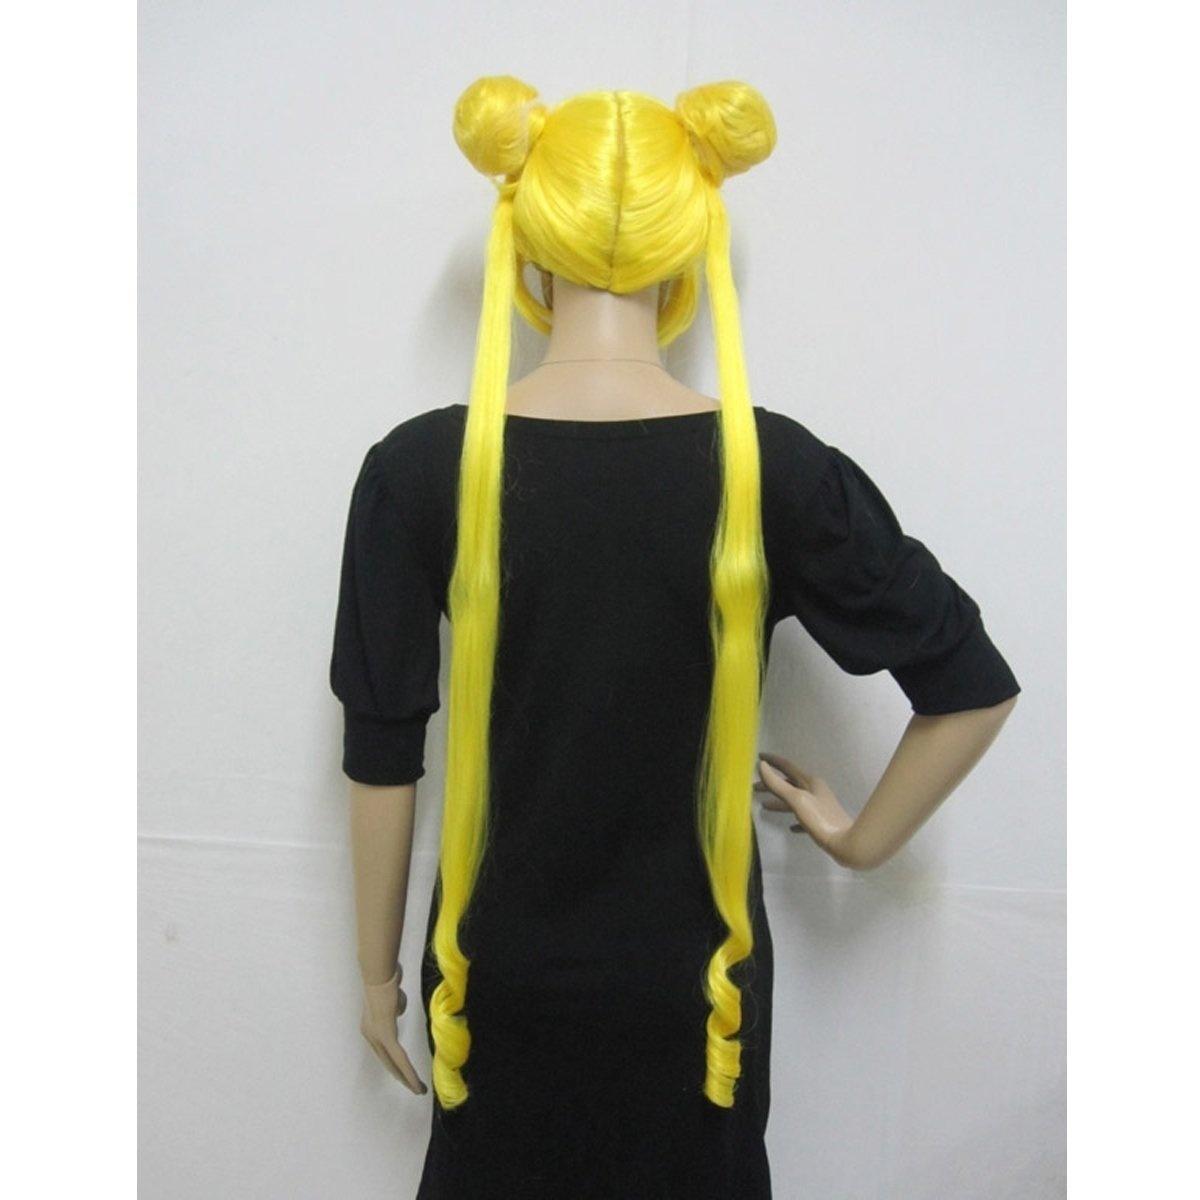 Traje de Cosplay de Anime Party Peluca llena para Sailor Moon Serena Tsukino Long